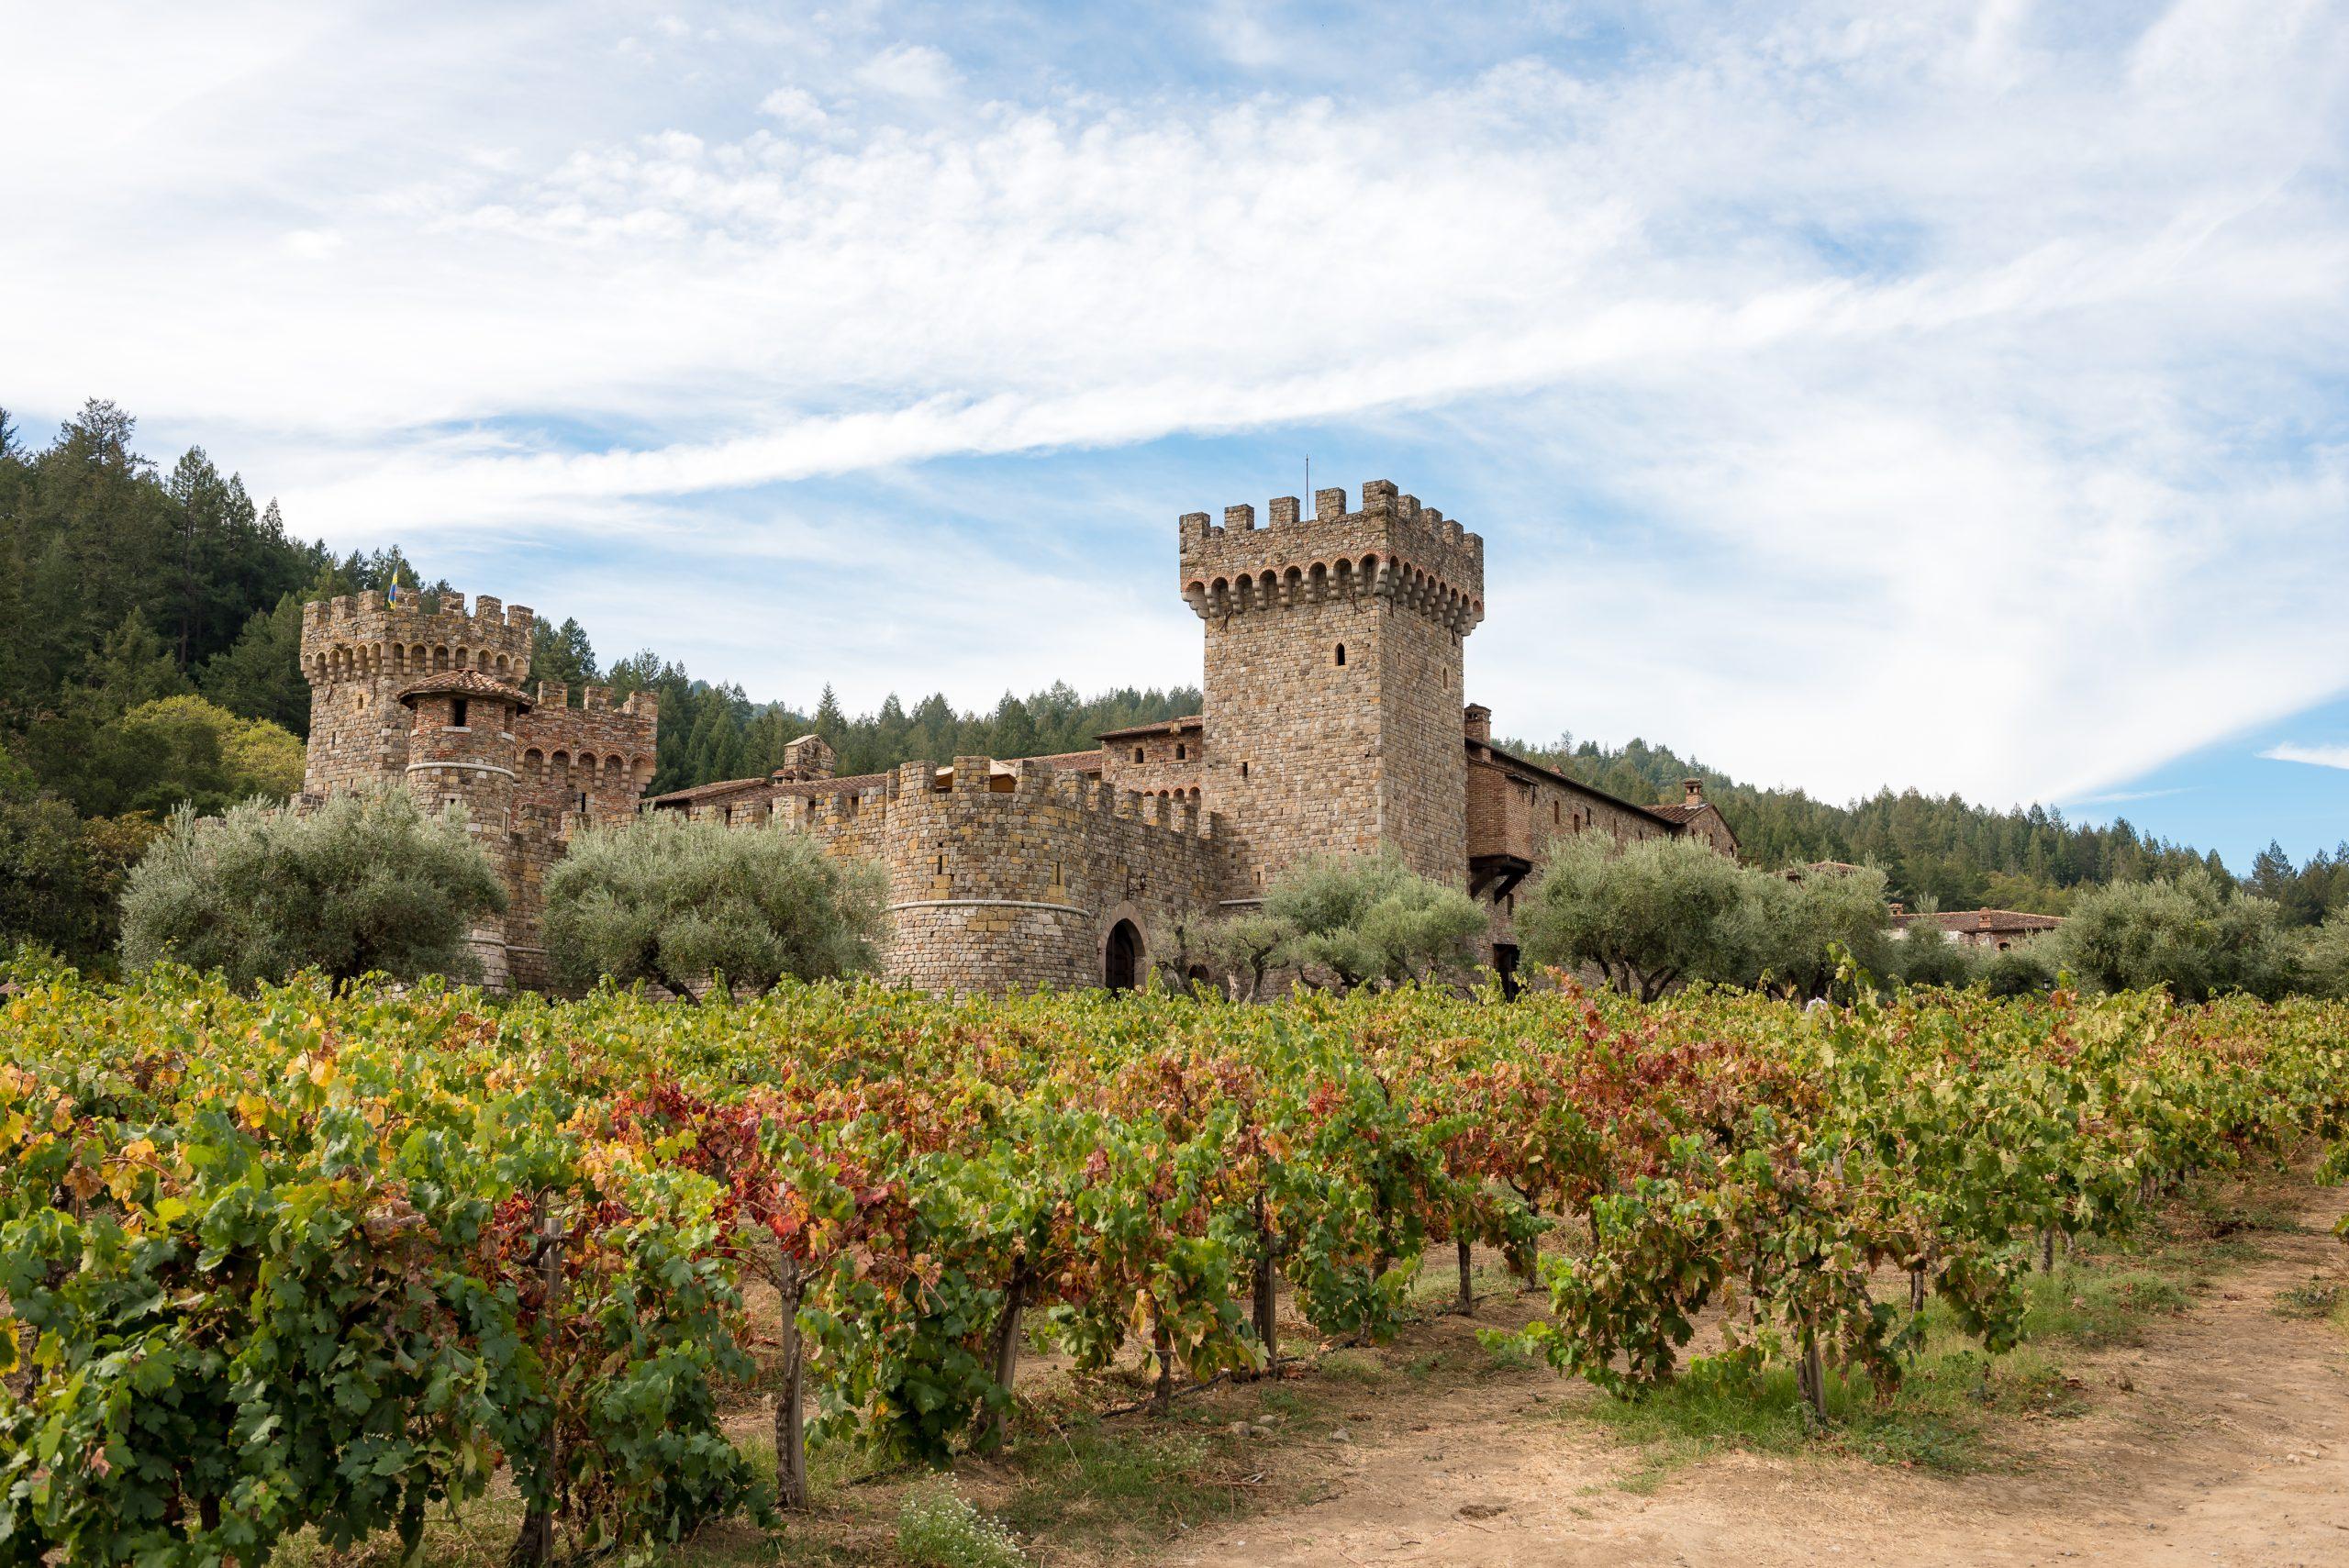 Surprise marriage proposal at Castello Di Amorosa in Callistoga, CA